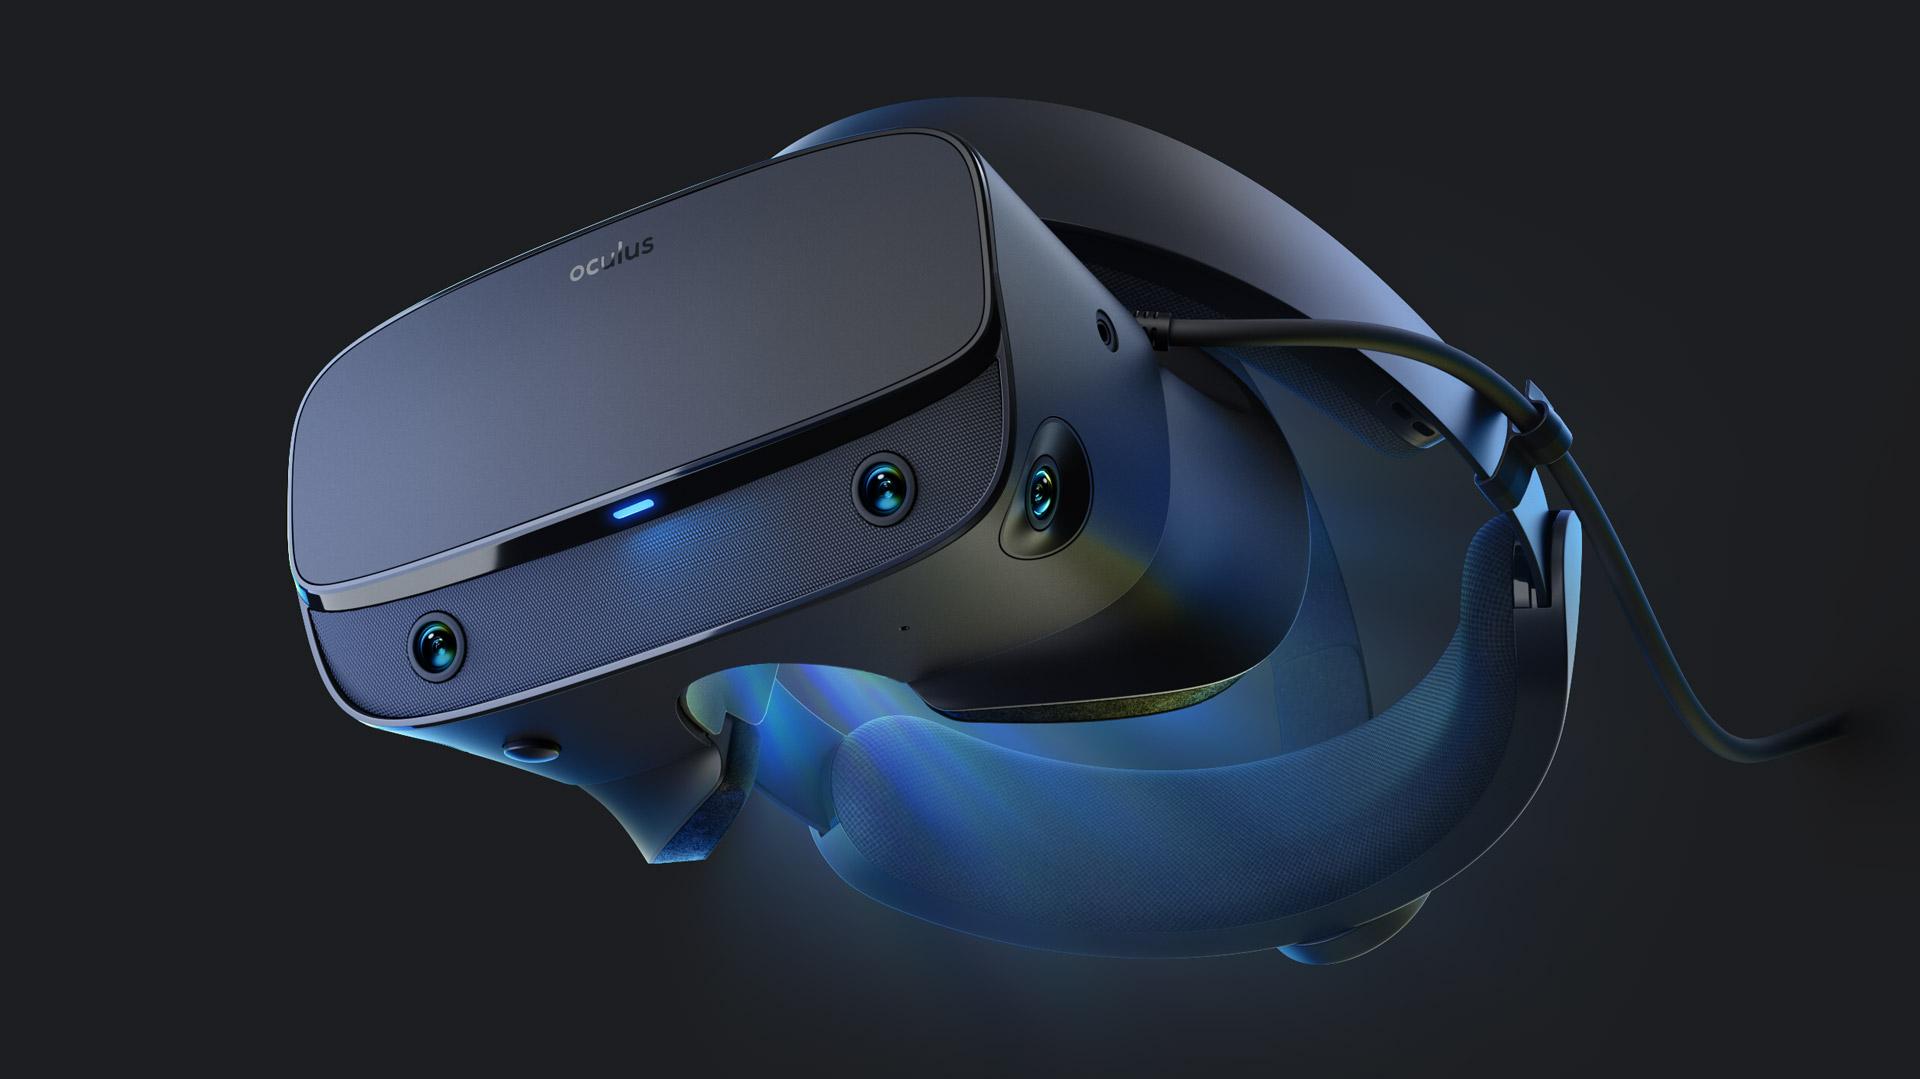 GDC 2019: Oculus Rift S Hands-on Preview – A Better ...